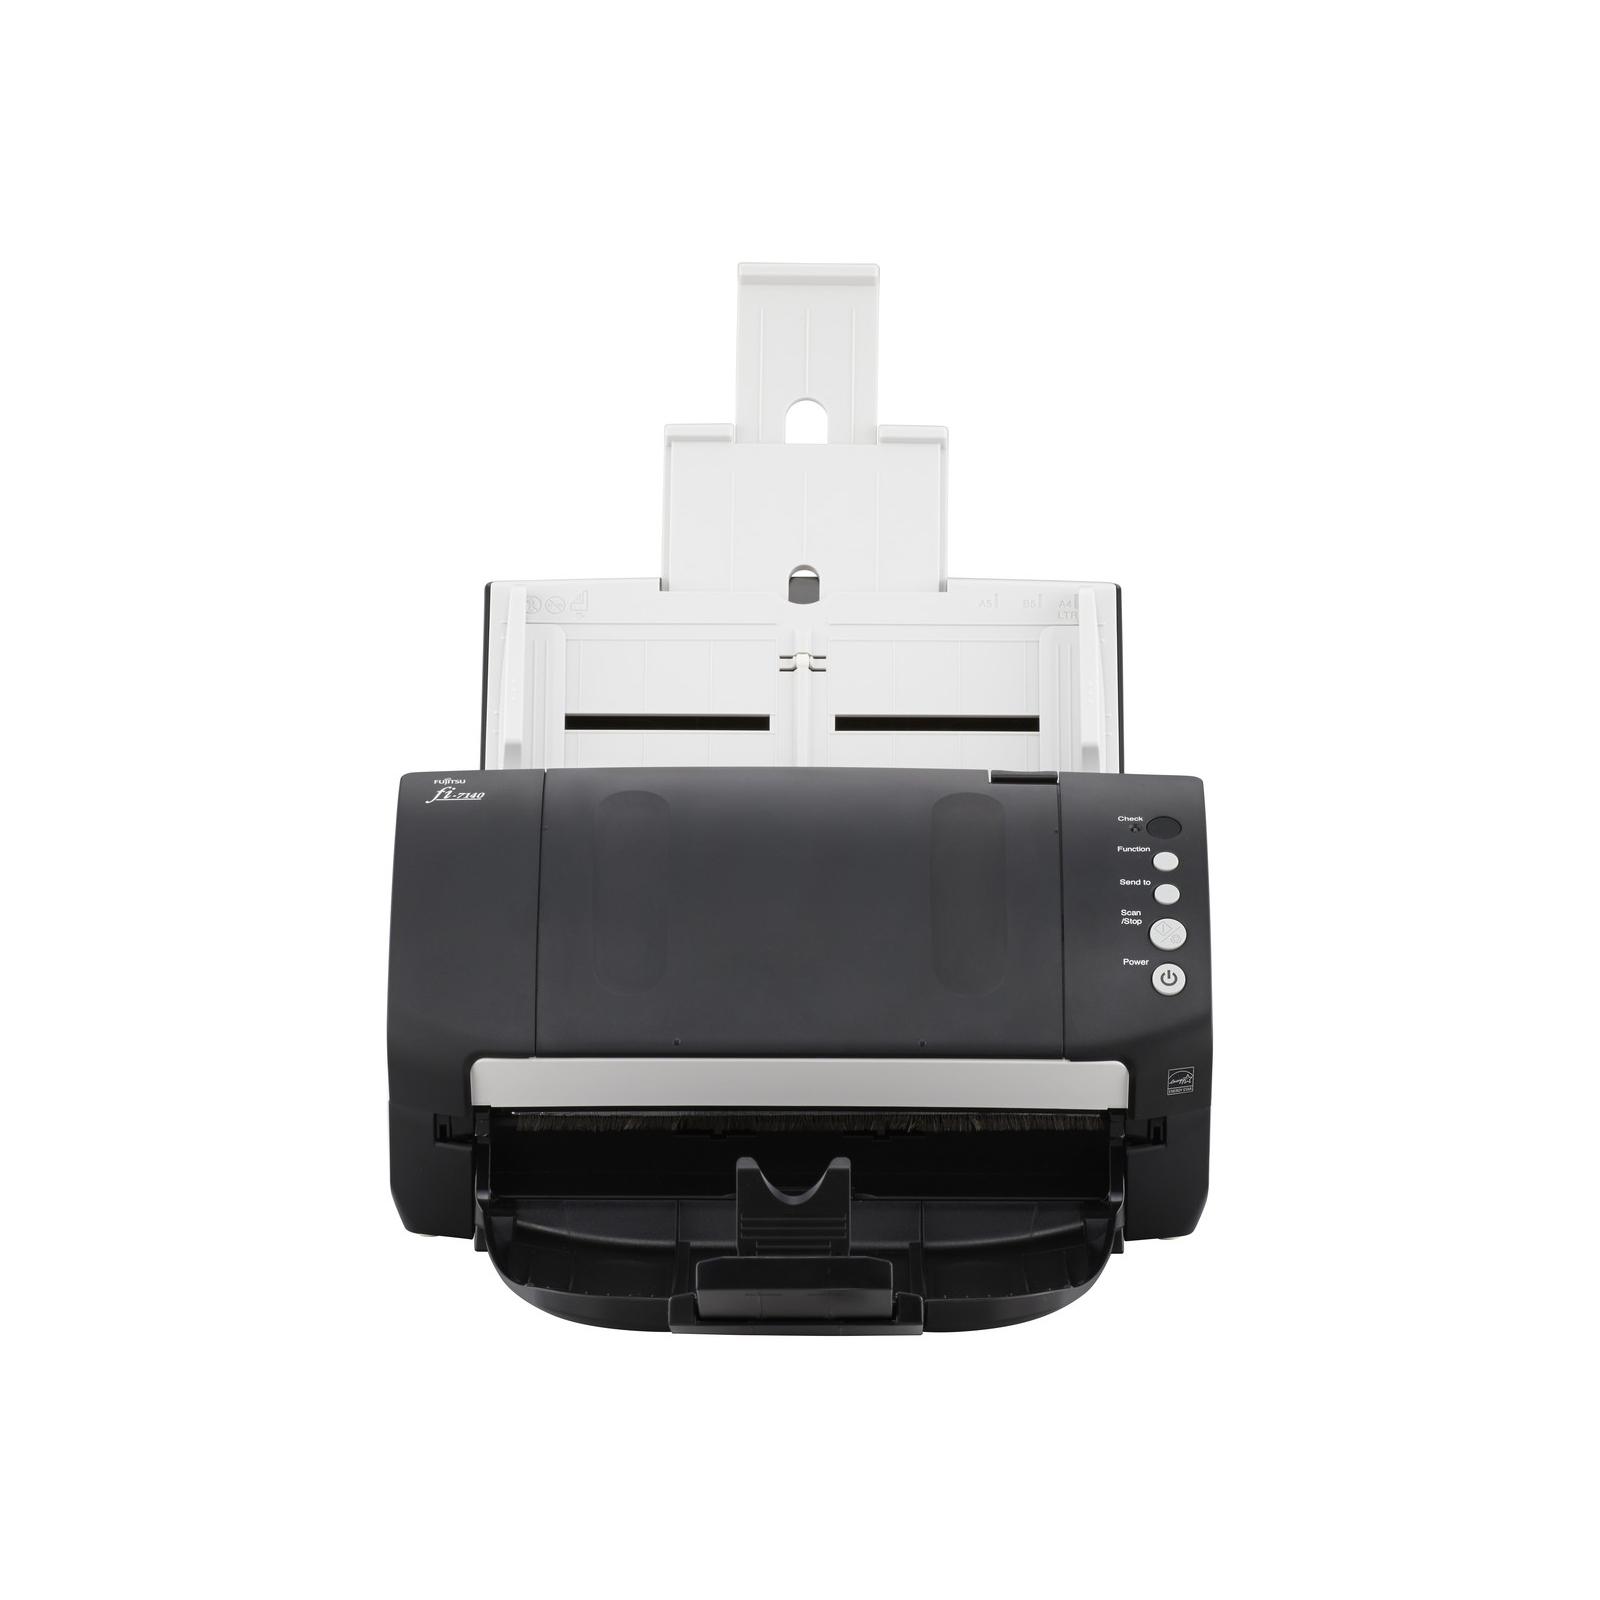 Сканер Fujitsu fi-7140 (PA03670-B101) изображение 3